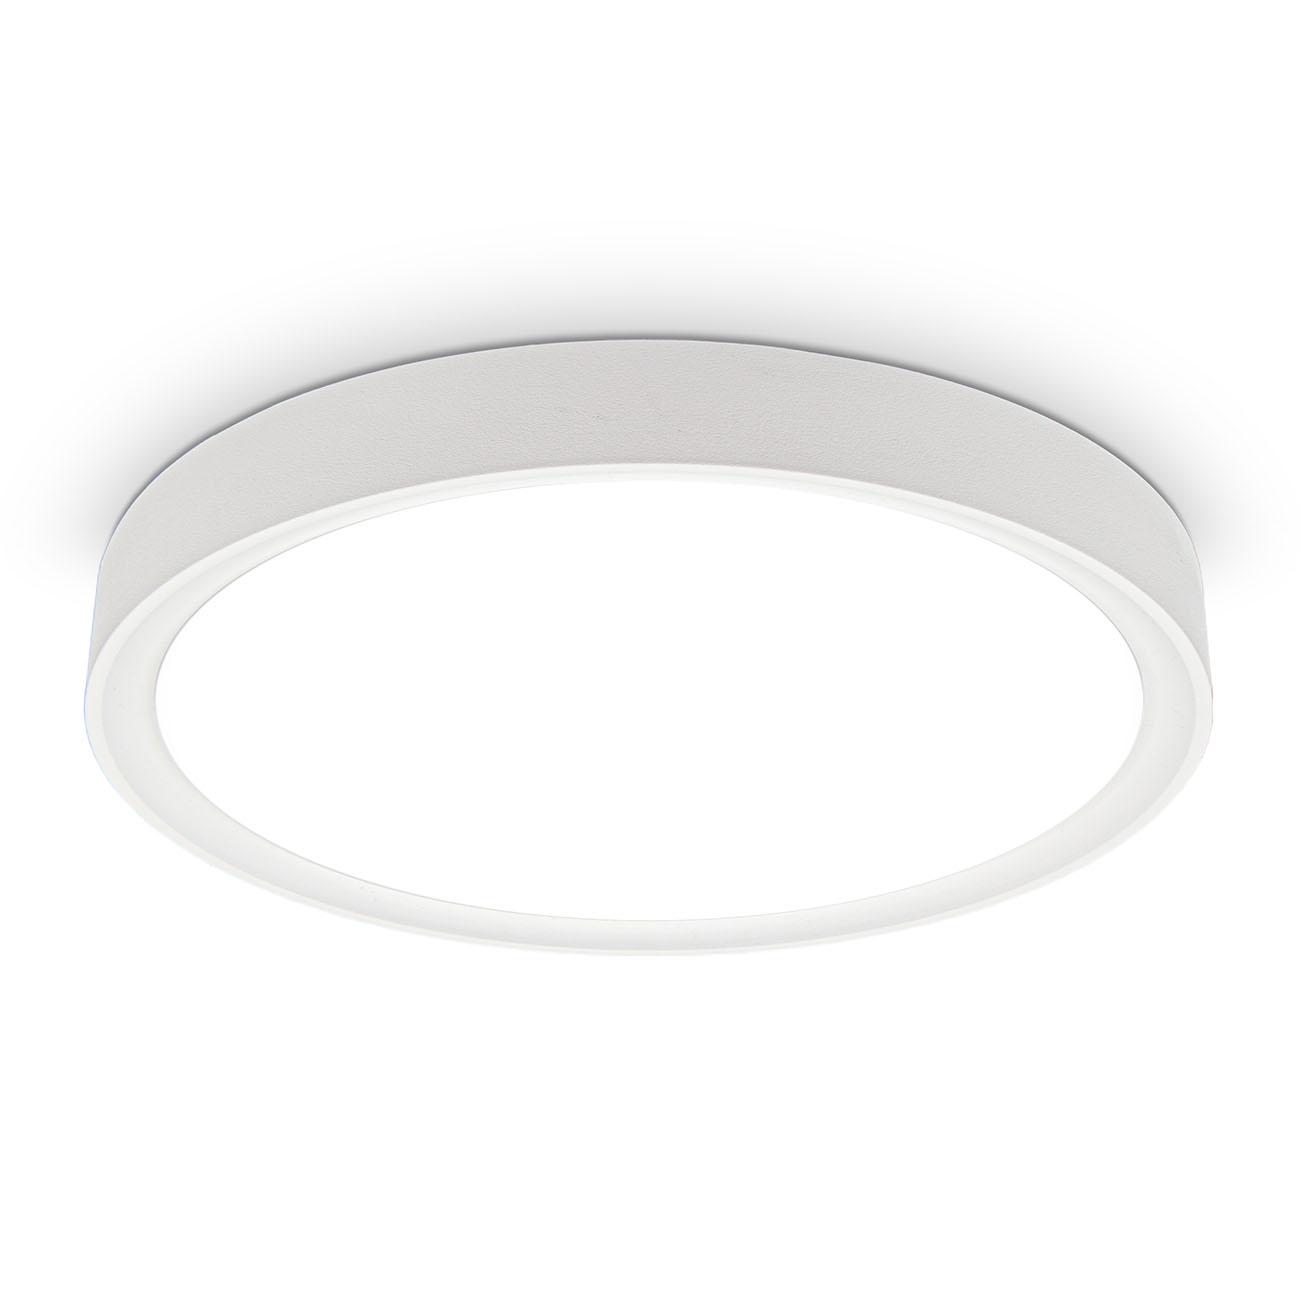 LED Deckenlampe neutralweiß rund